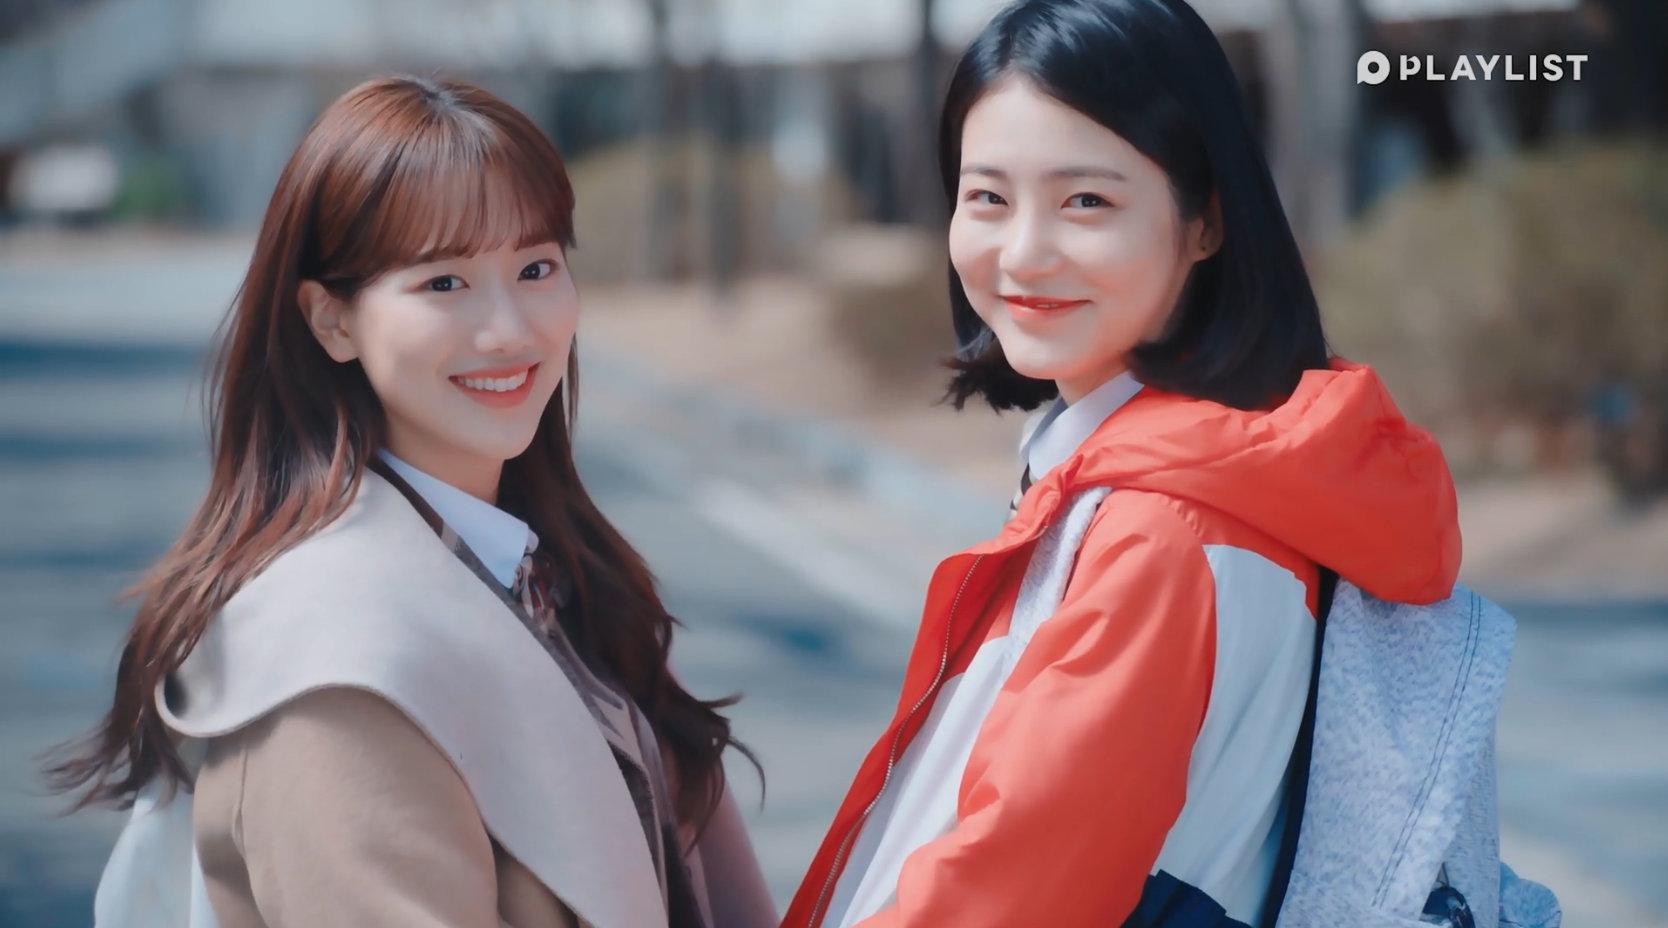 说好的520呢?A-TEEN 第二季OST - 9-TEEN MV你们今晚都在约会吗?